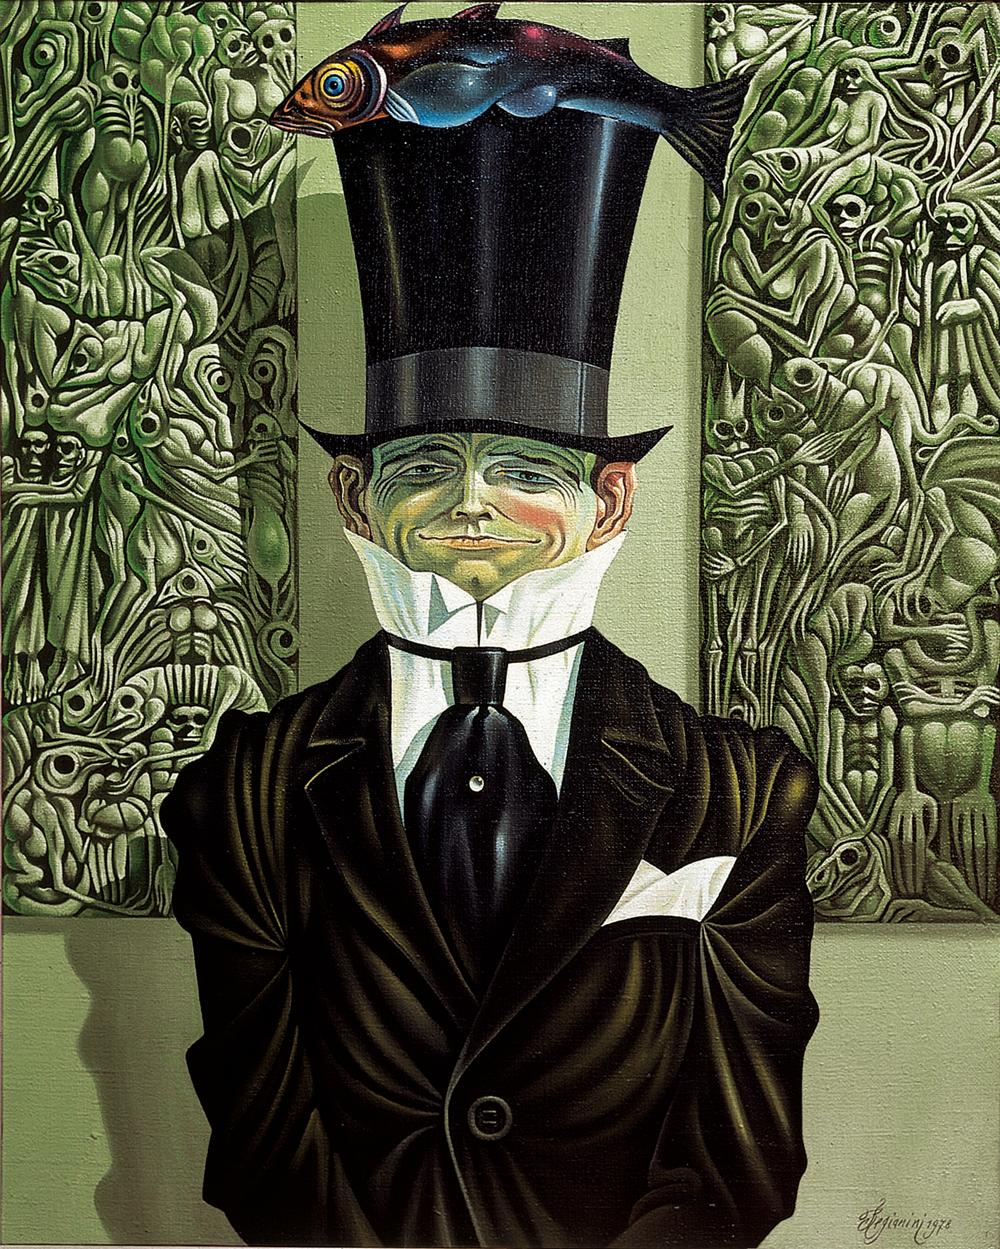 Il sorriso - 1978 Olio su tela - cm 80x100